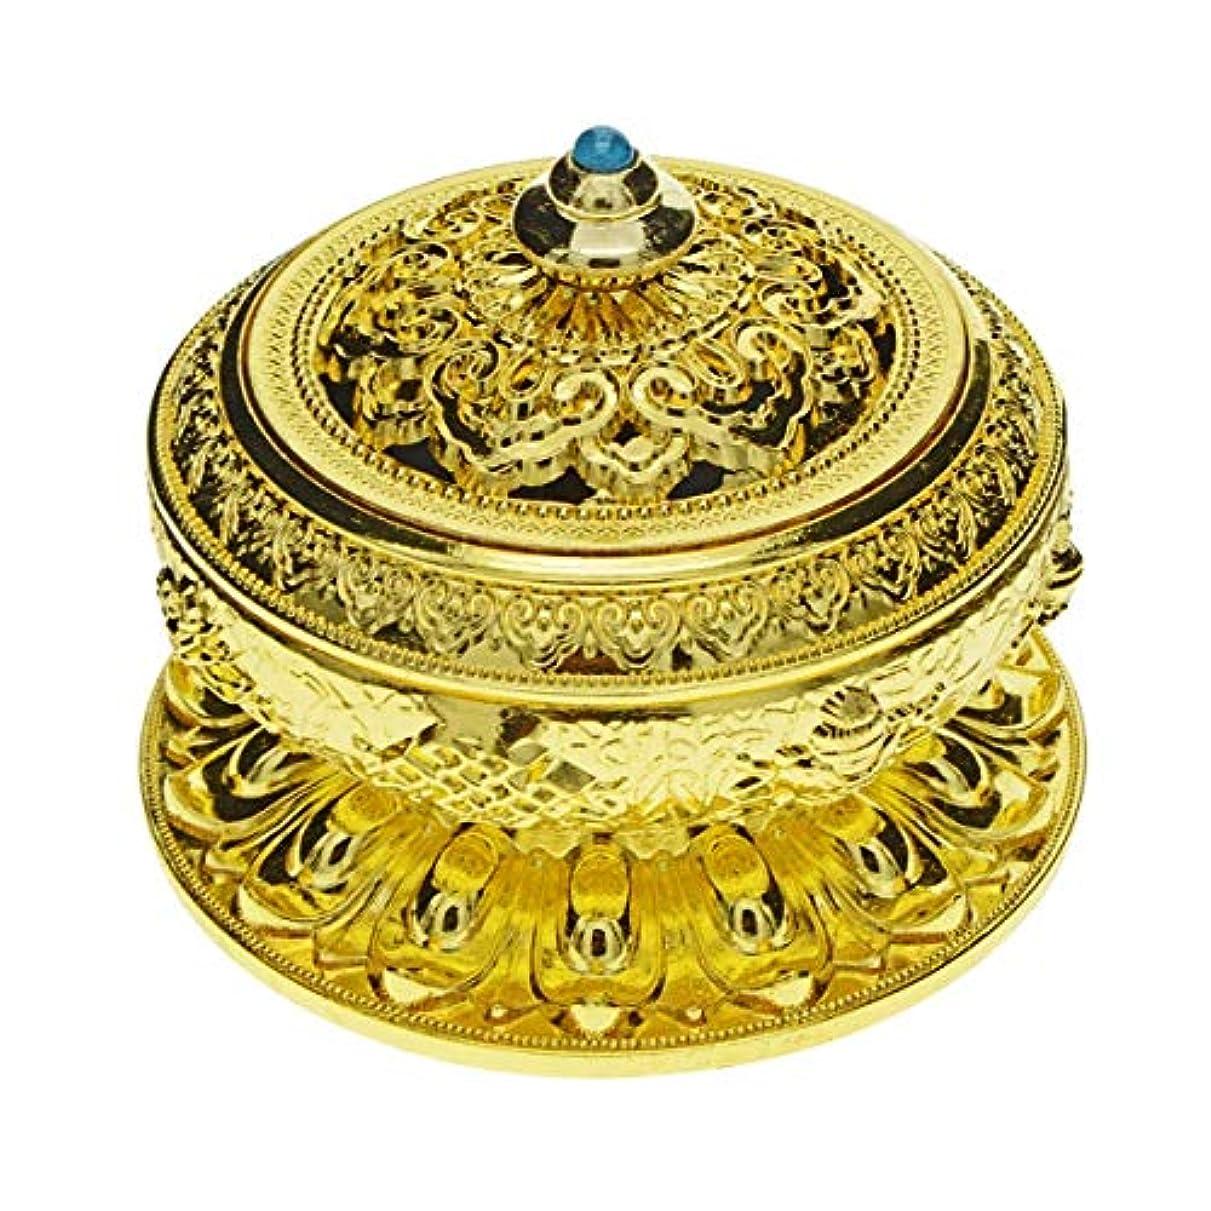 また買い手争いSaim Chineseクラシックスタイル香炉合金メタルBuddha Incense Holder Candle Censer – Buddhist装飾、ホームデコレーション S ゴールド G1HXJJ08952